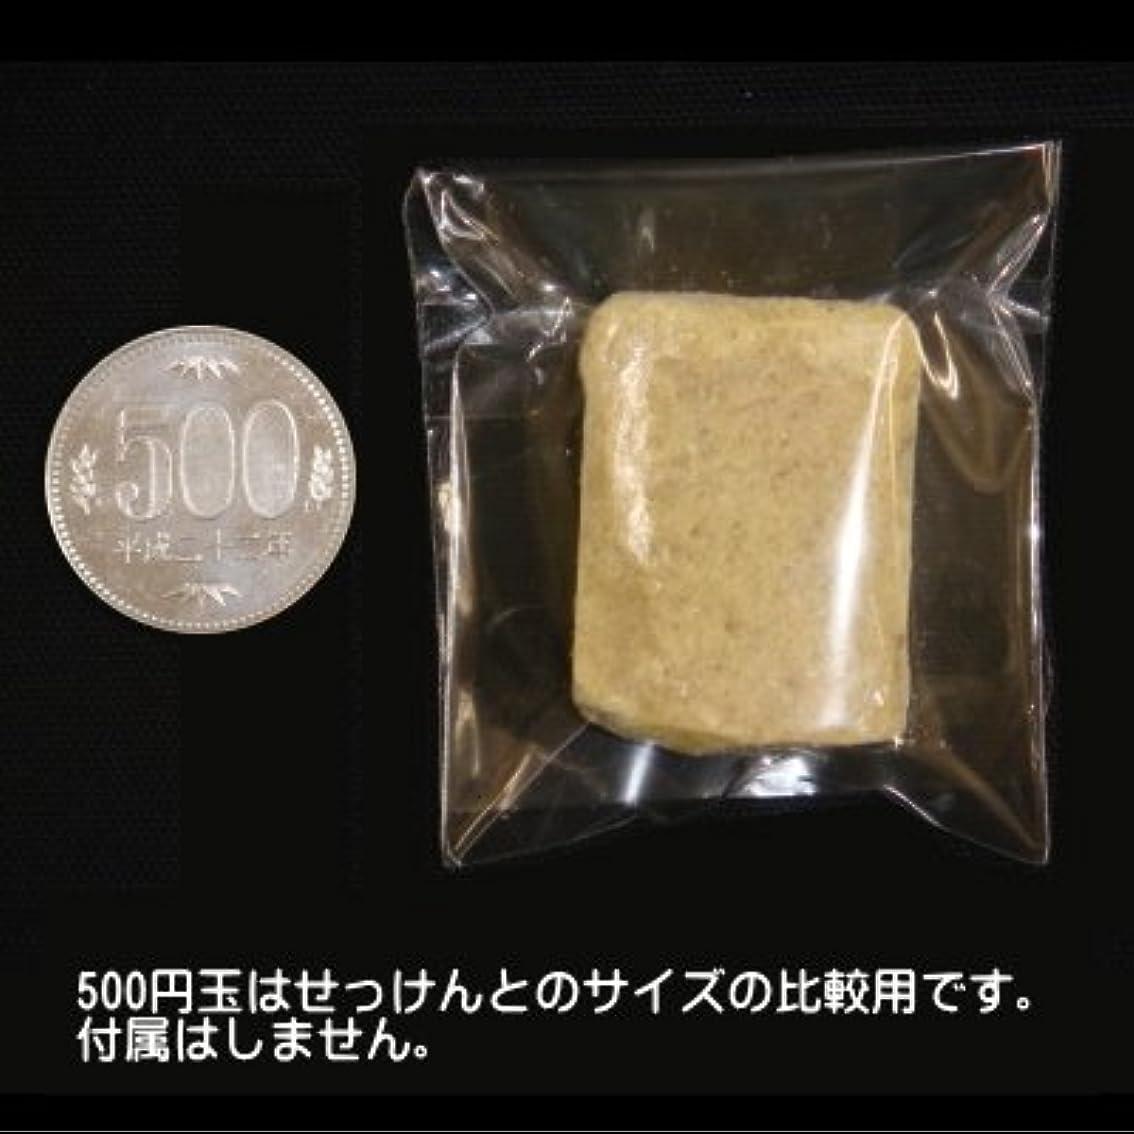 騒アフリカ人ライオン緑茶ノニ石鹸 てづくり野にせっけんお試し用12g(無添加石鹸)